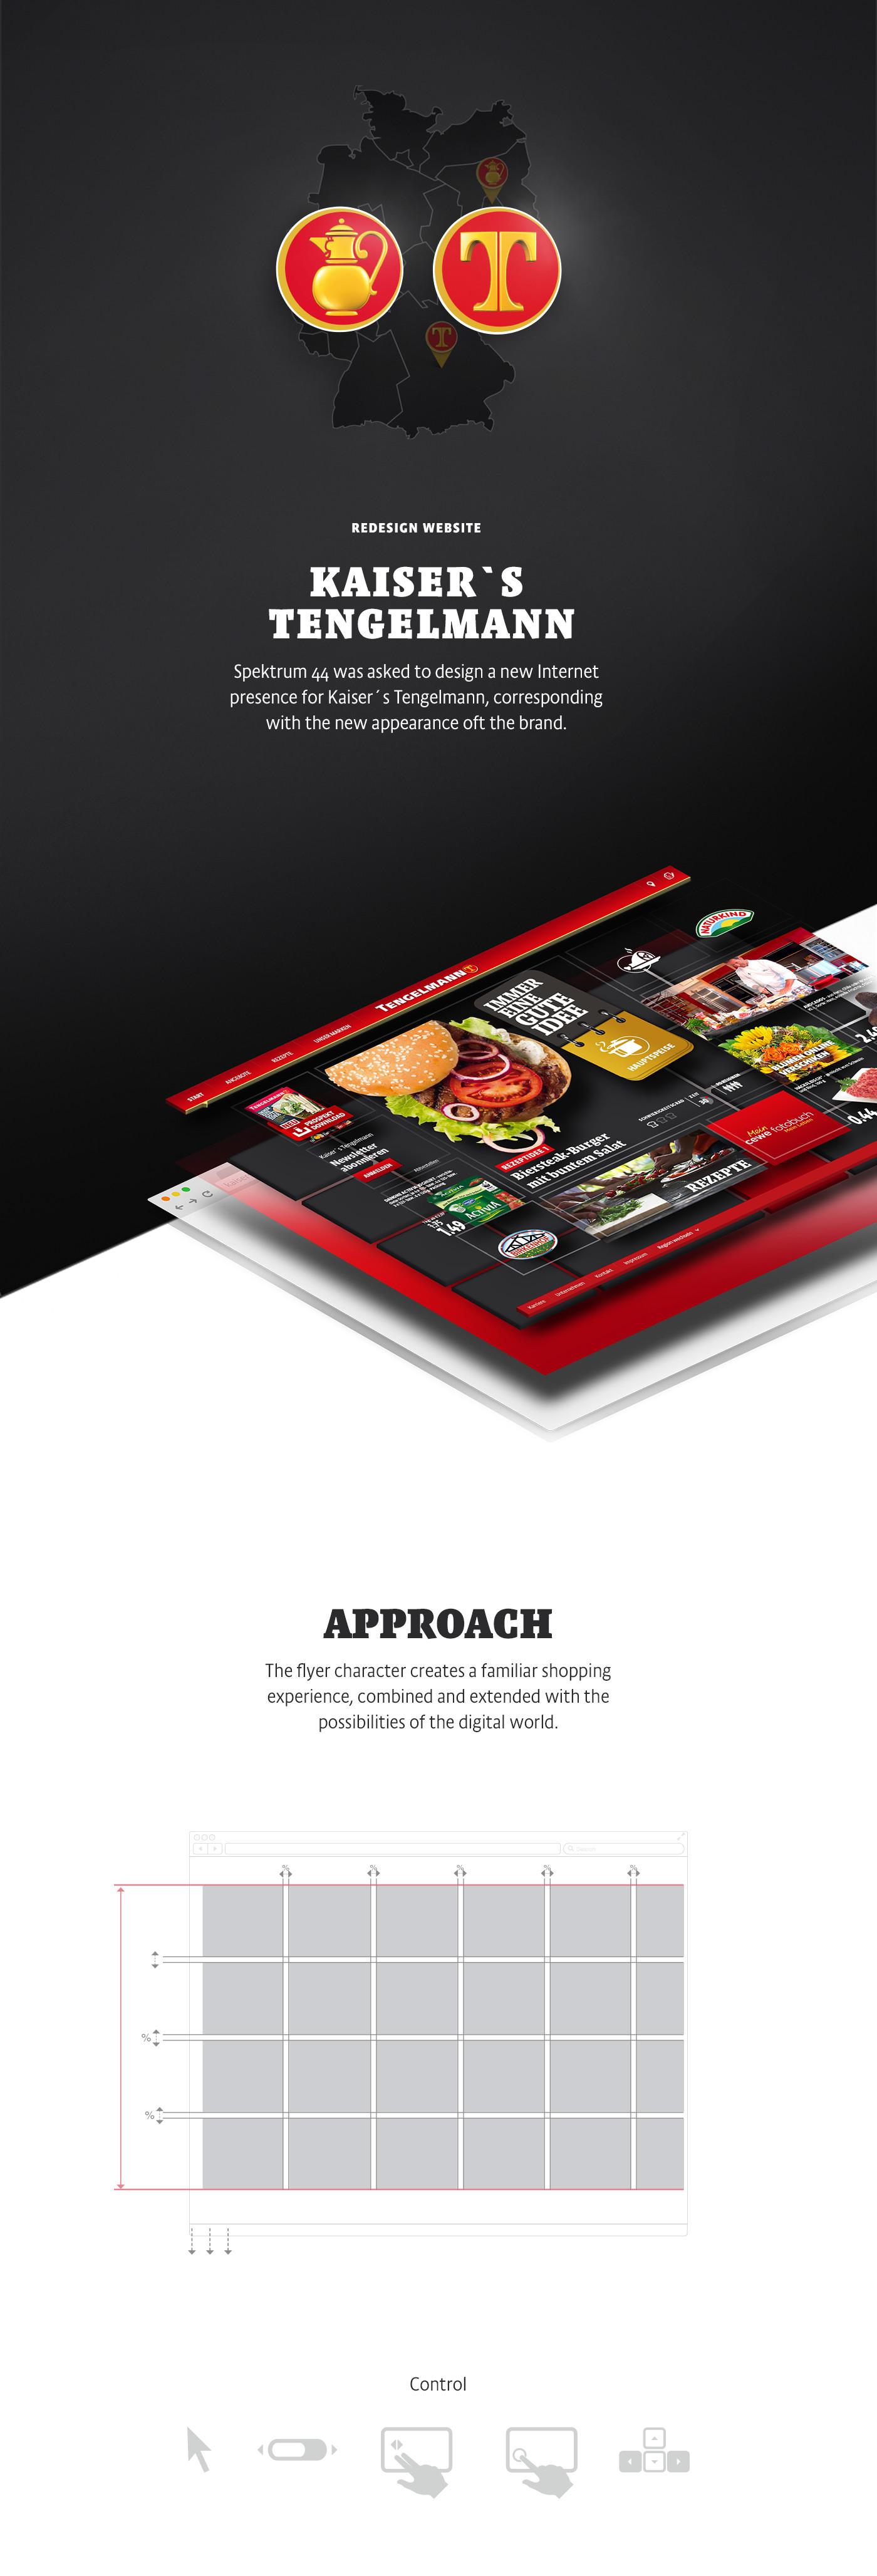 Kaisers Tengelmann germany Food  Spektrum 44 S44 munich design Layout UI red Supermarket touch